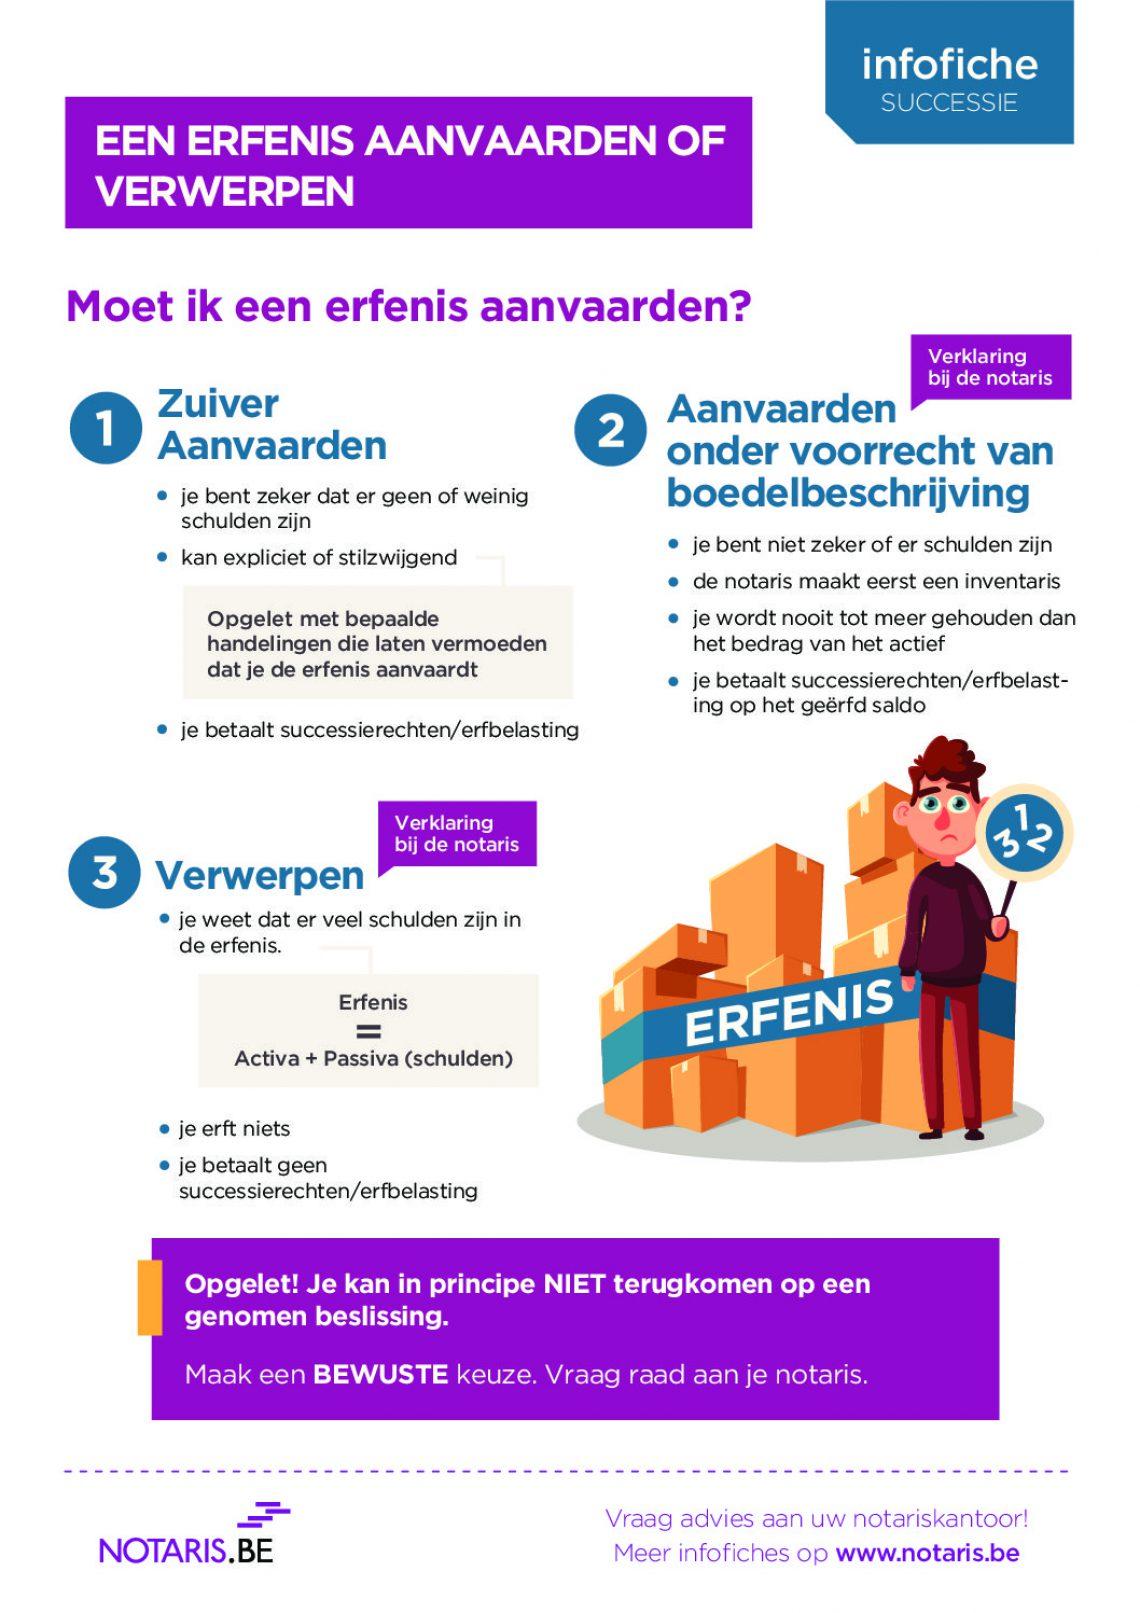 infofiche-successie-aanvaarden-verwerpen-nl